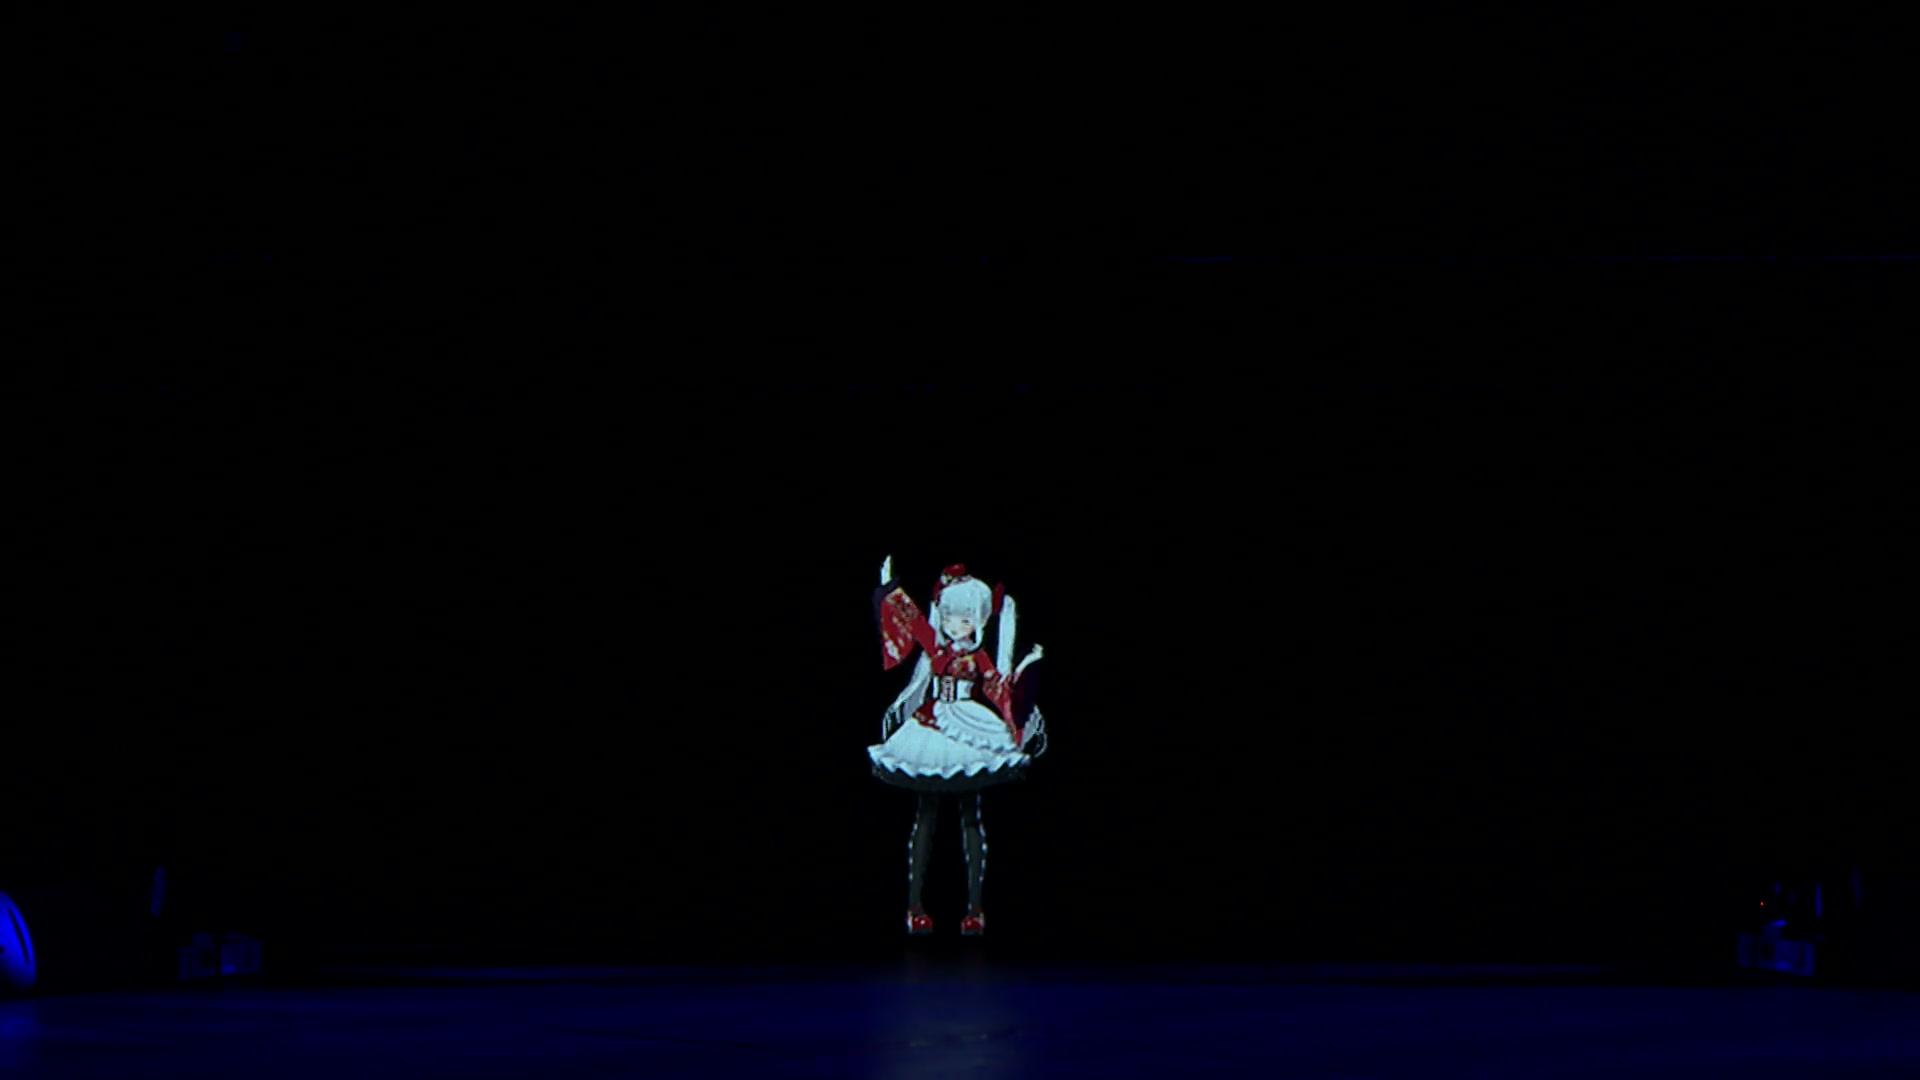 【神楽Mea】Strawberry♡Confiture すとろべりぃ♡こんふぃちゅ~る【BML2019广州单品】